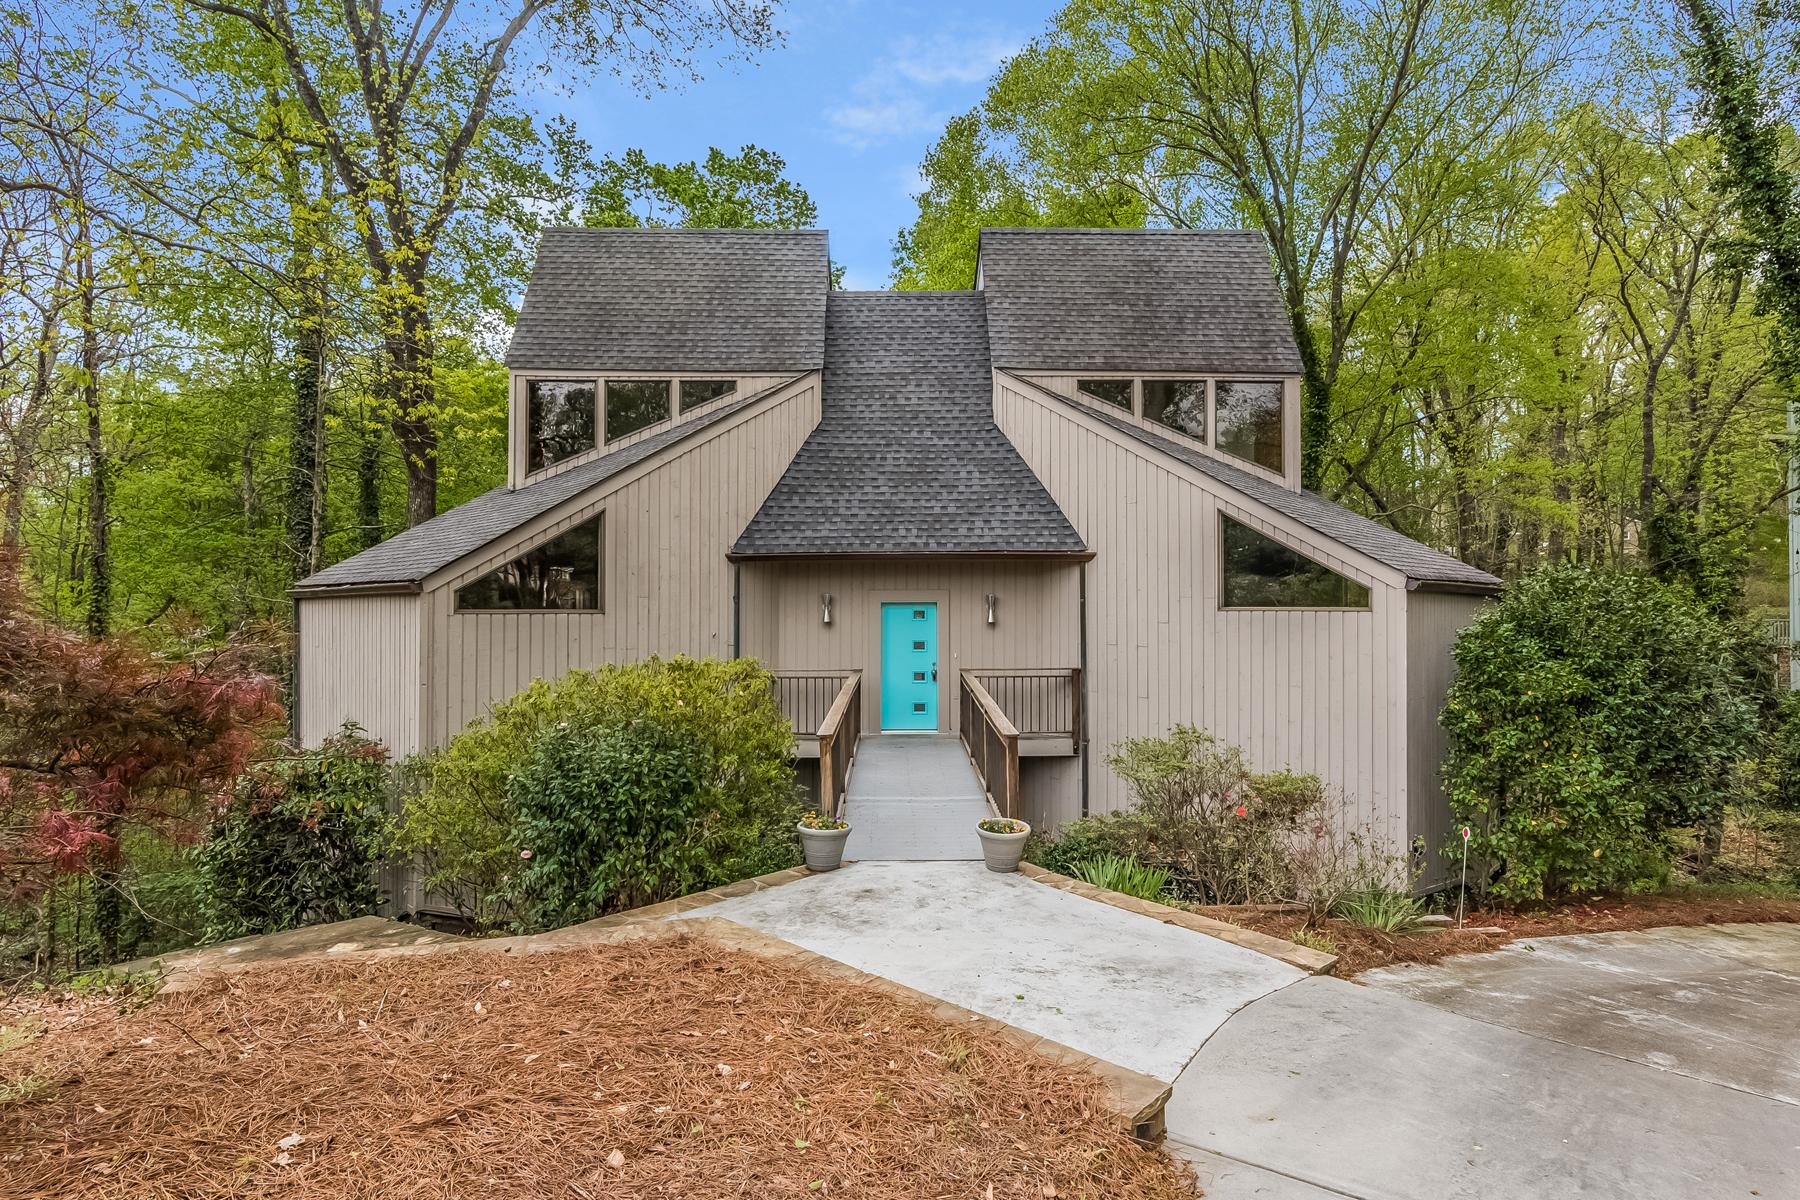 一戸建て のために 売買 アット Contemporary Light Filled Sandy Springs Home 625 Valley Hall Drive Sandy Springs, ジョージア, 30350 アメリカ合衆国